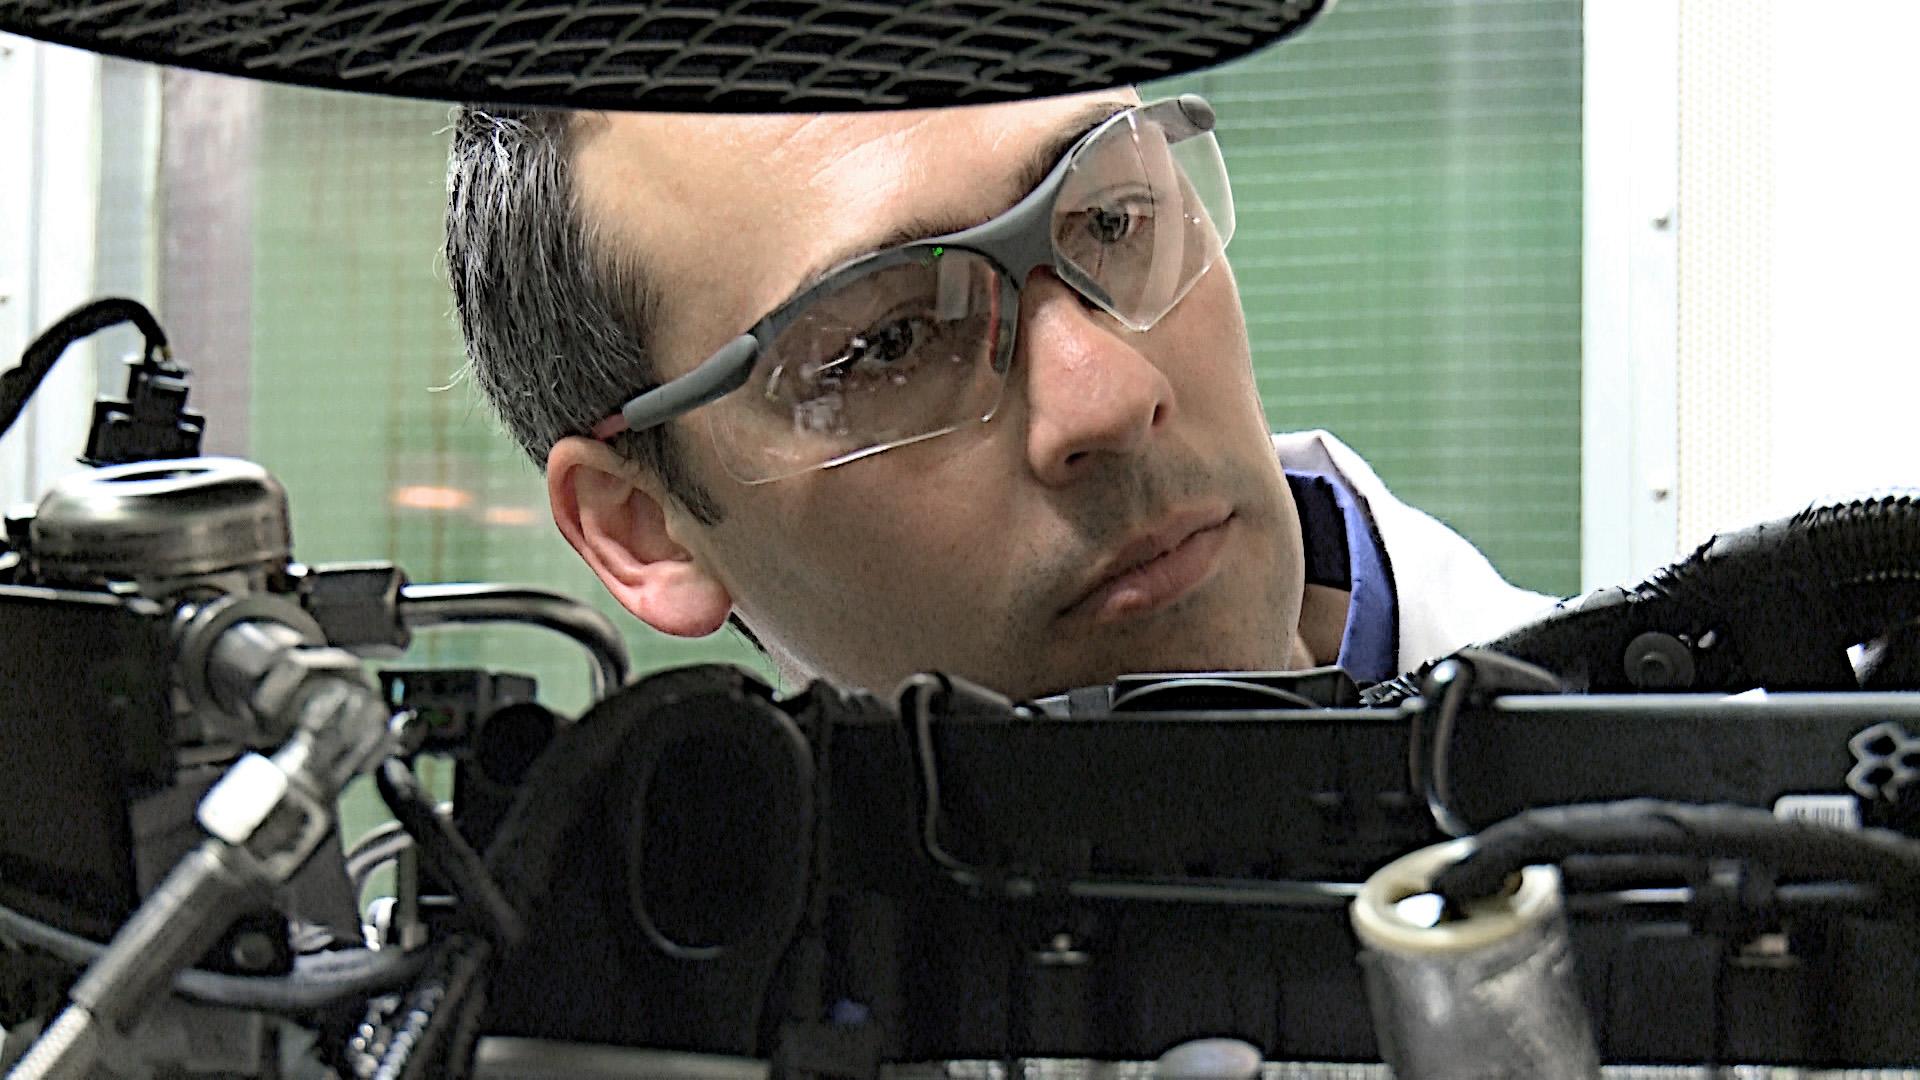 Ngoài nhà máy sản xuất động cơ tại Valencia, một số nhà máy tại khu vực Châu Á Thái Bình Dương cũng được áp dụng biện pháp lắng nghe động cơ để kiểm tra.